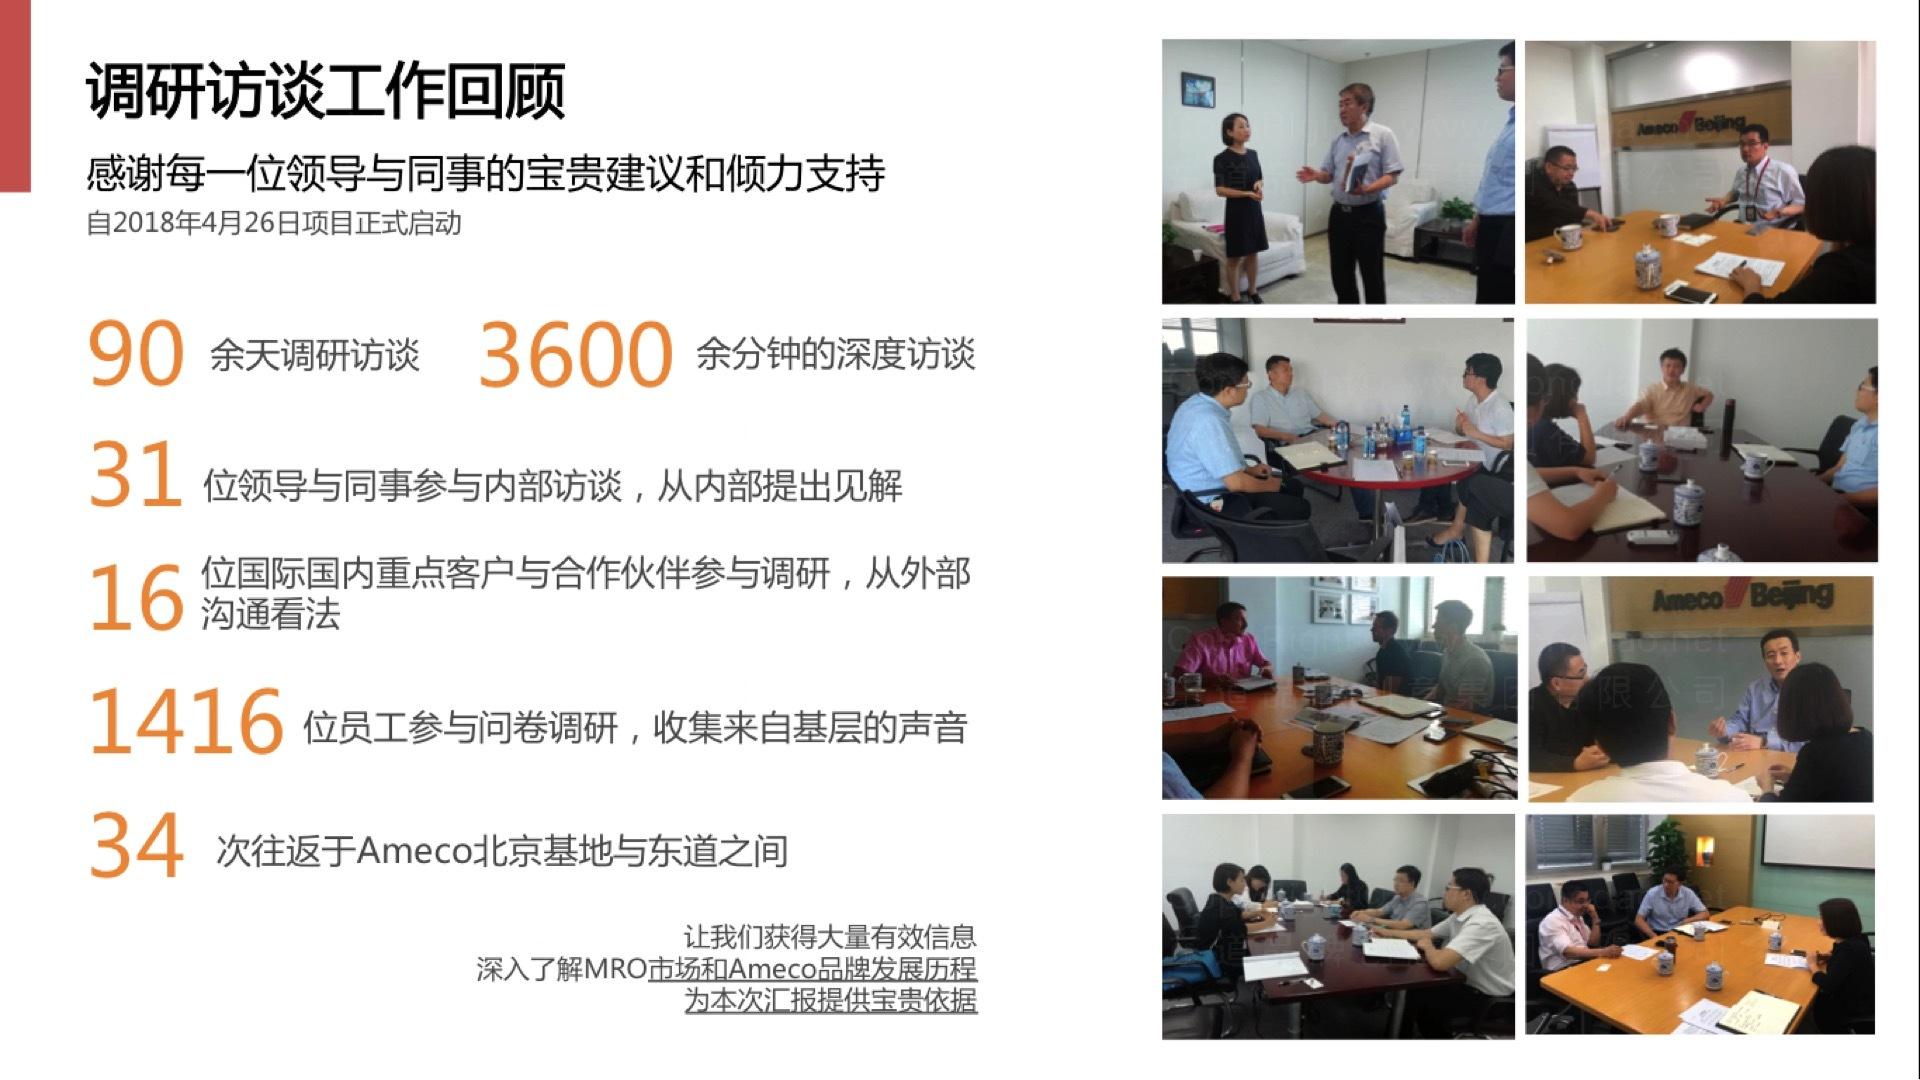 航空航天品牌战略&企业文化中国国航Ameco品牌战略规划